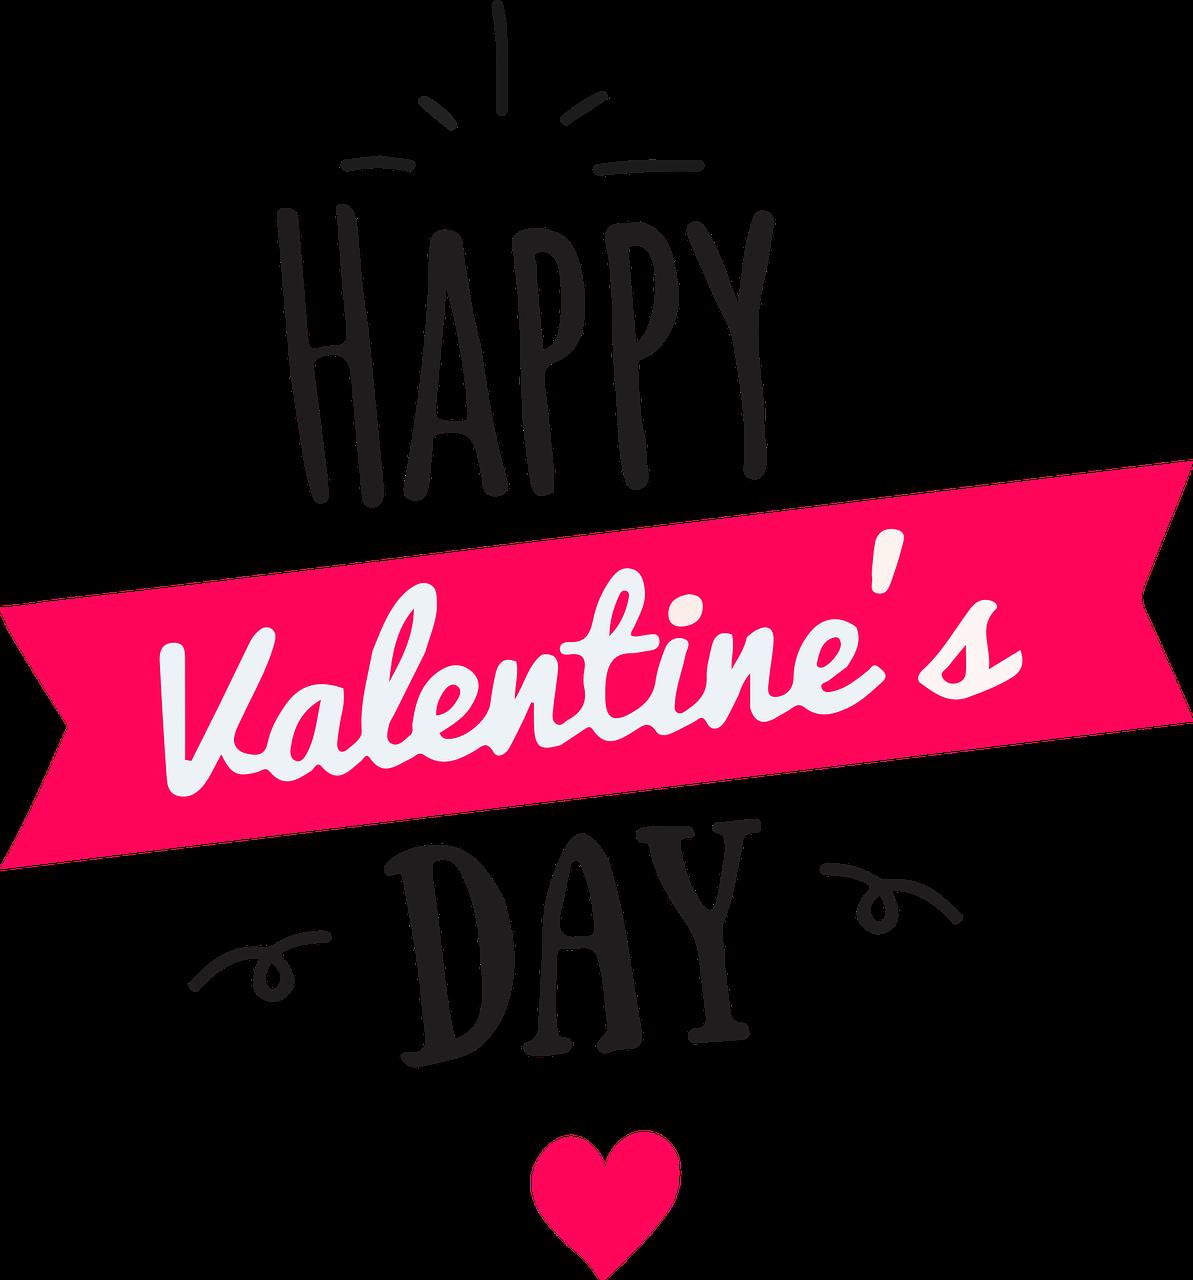 Голосовое поздравление на День всех влюбленных